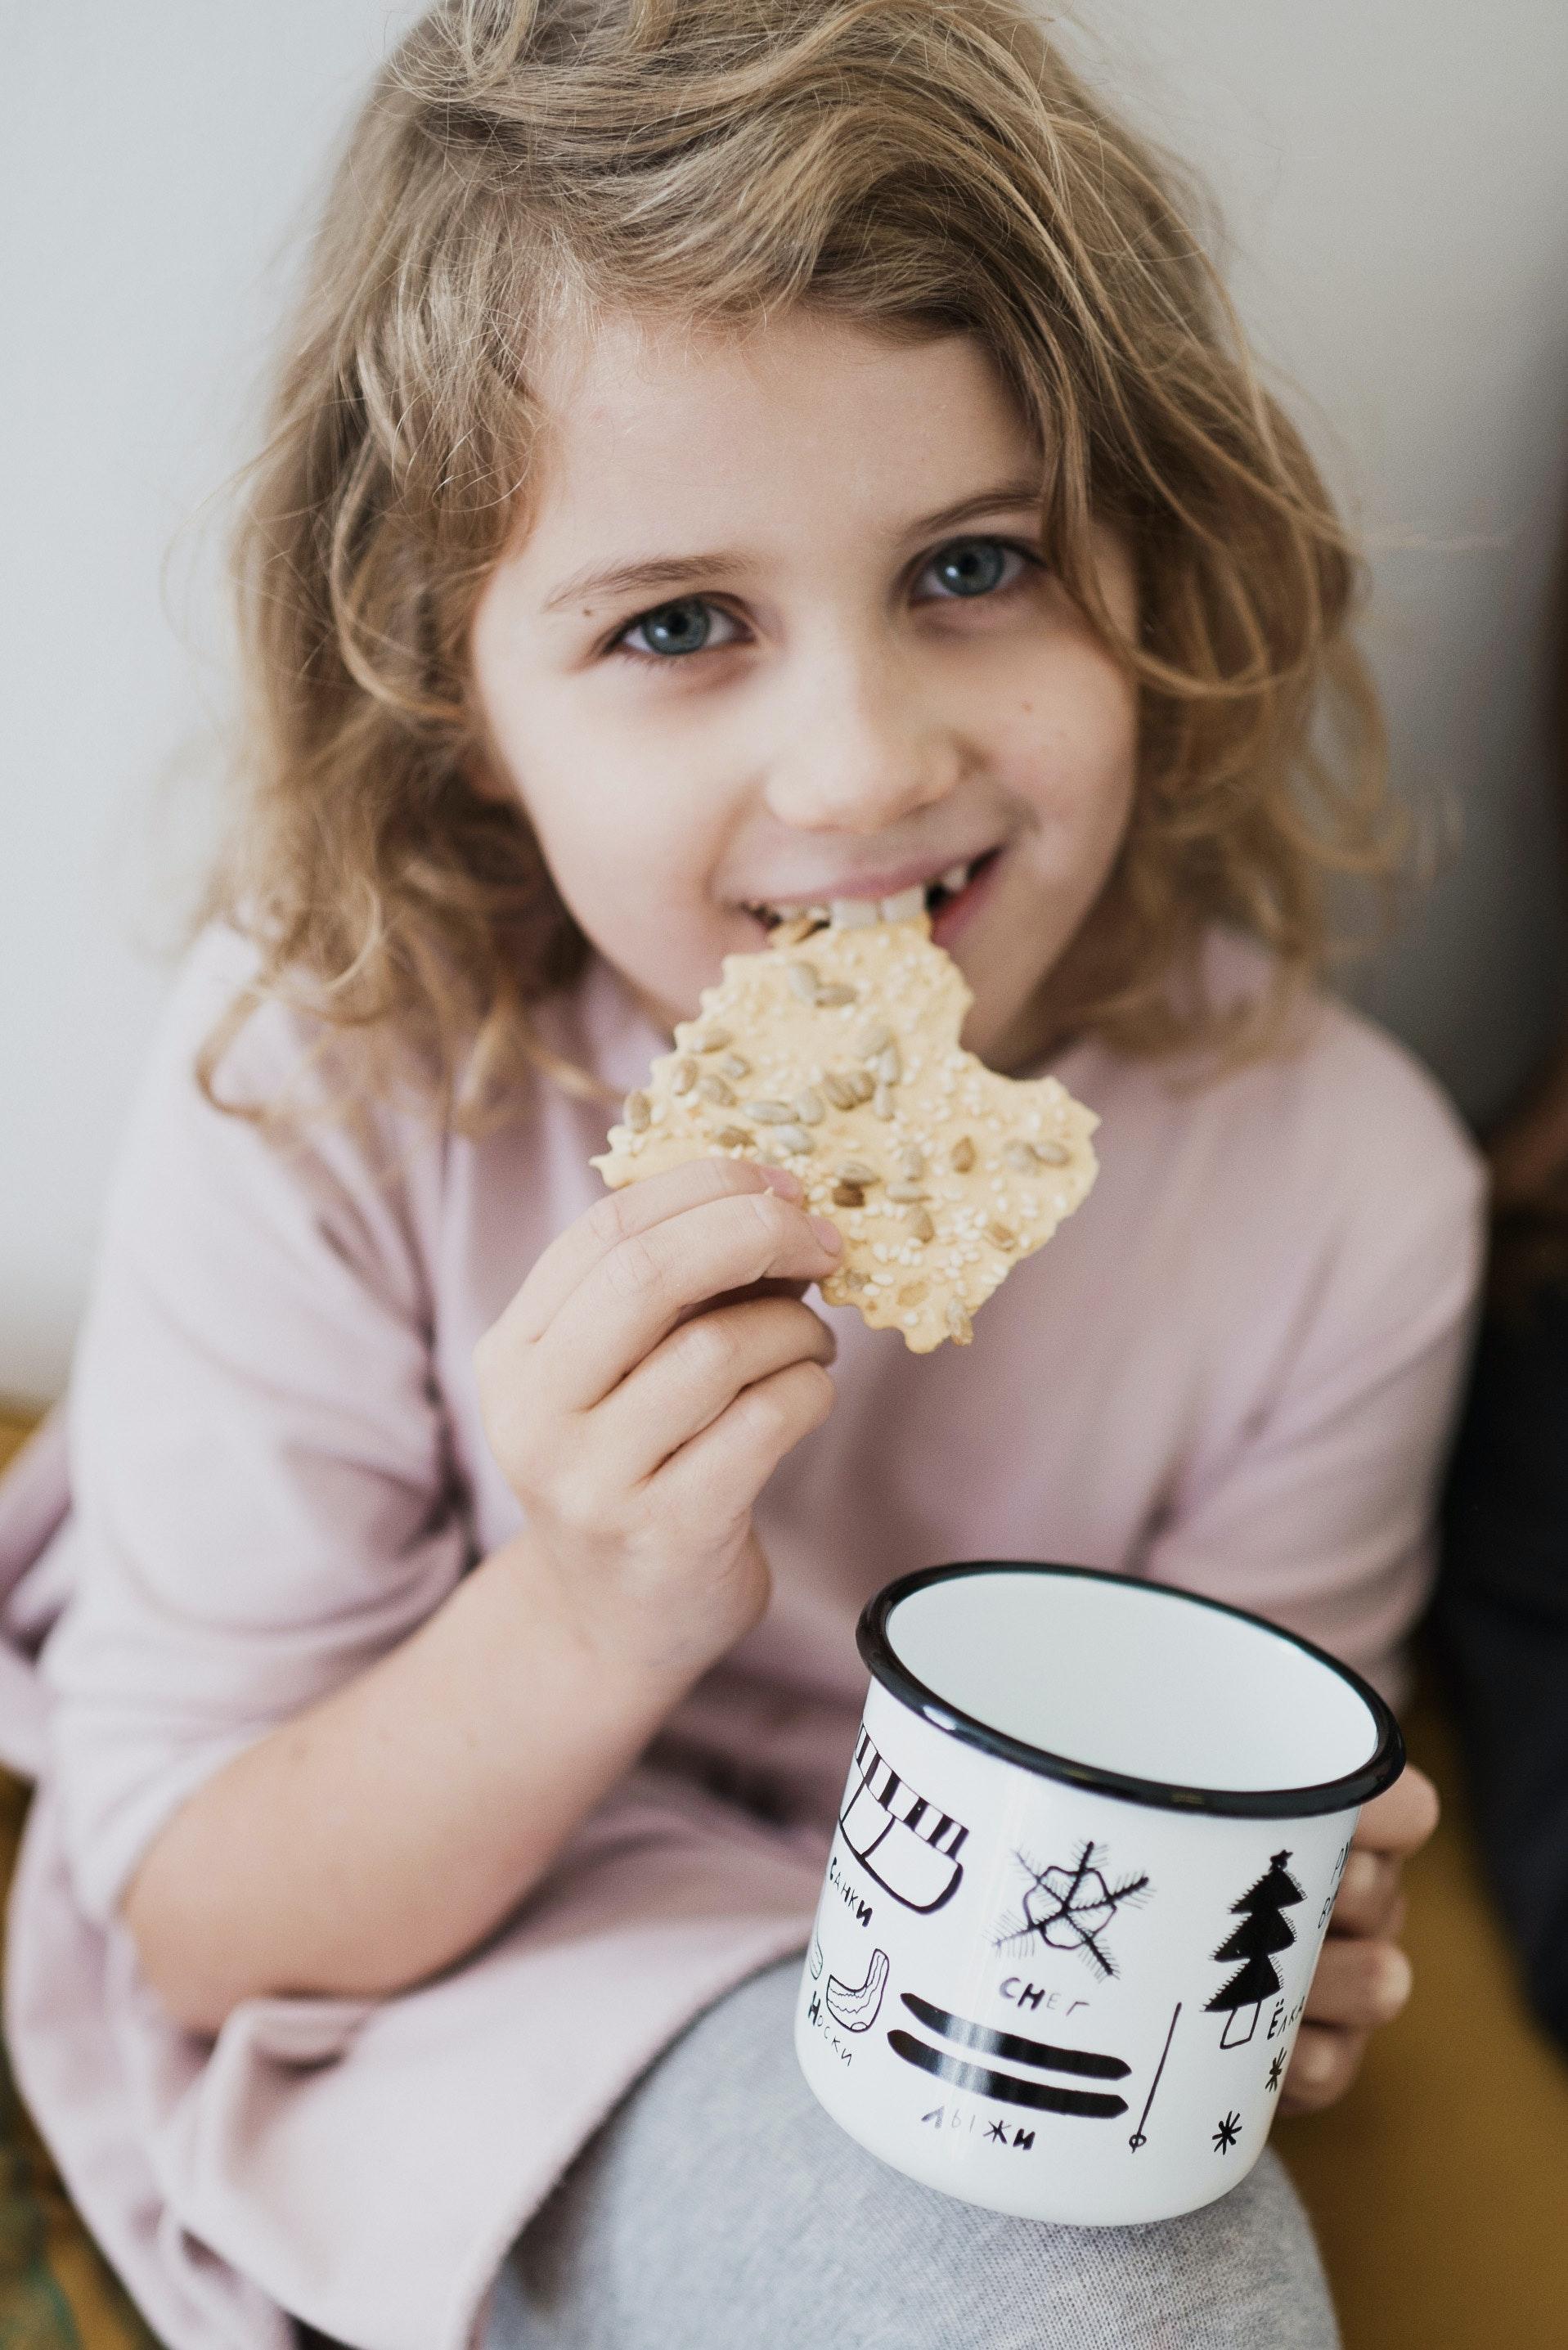 Konzumace celozrnných obilovin příznivě ovlivňuje hladinu glukózy a triglyceridů u dětí s nadváhou a obezitou